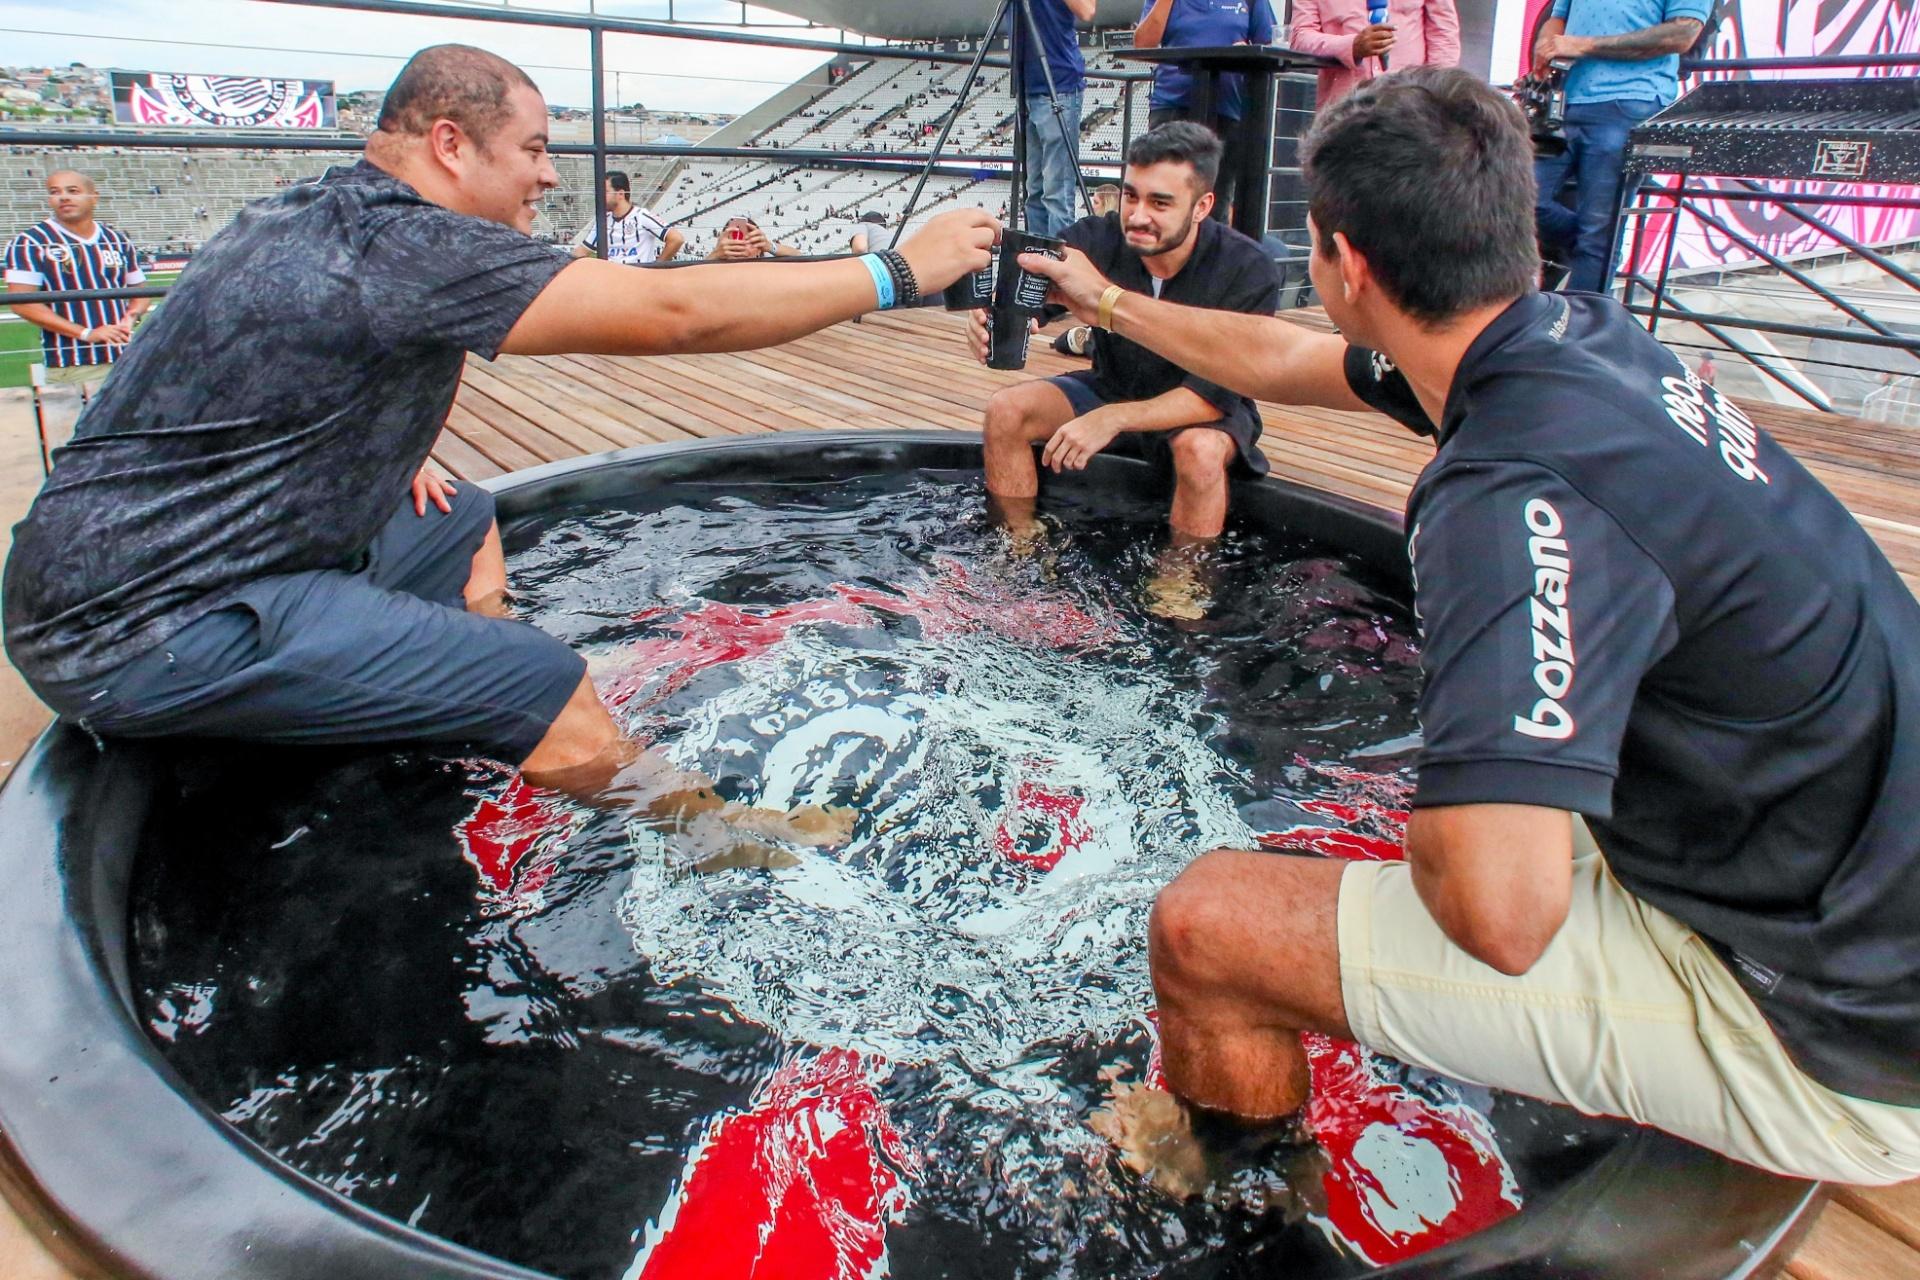 Fotos: Corinthians inaugura camarote com piscina em clássico contra o São  Paulo - 17/02/2019 - UOL Esporte